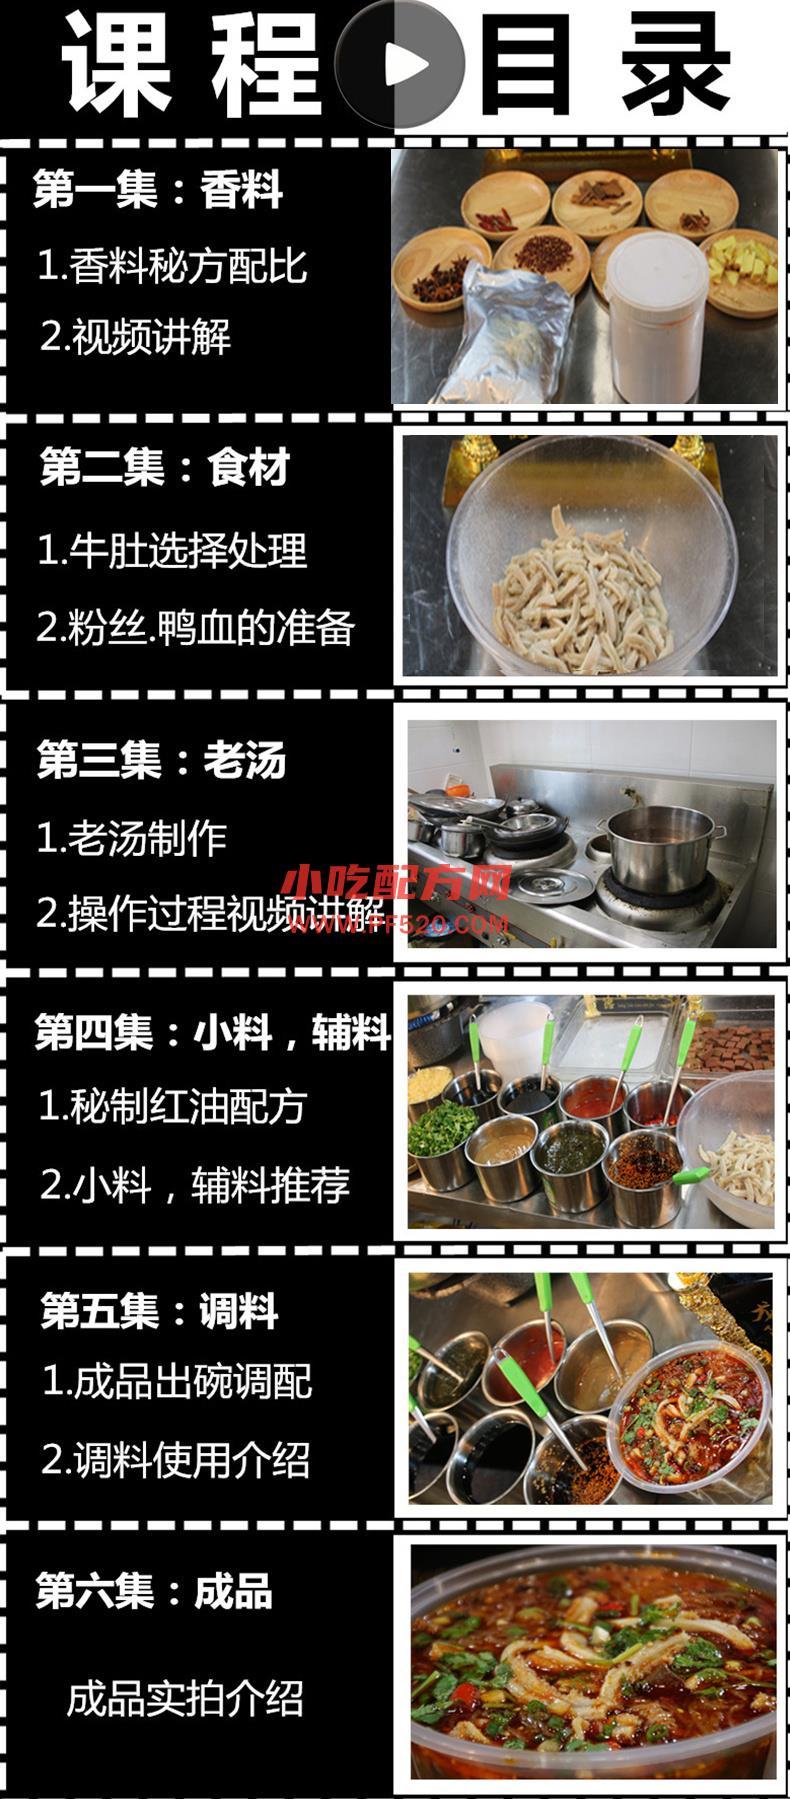 老北京爆肚 实体配方视频教程 小吃技术联盟配方资料 第2张